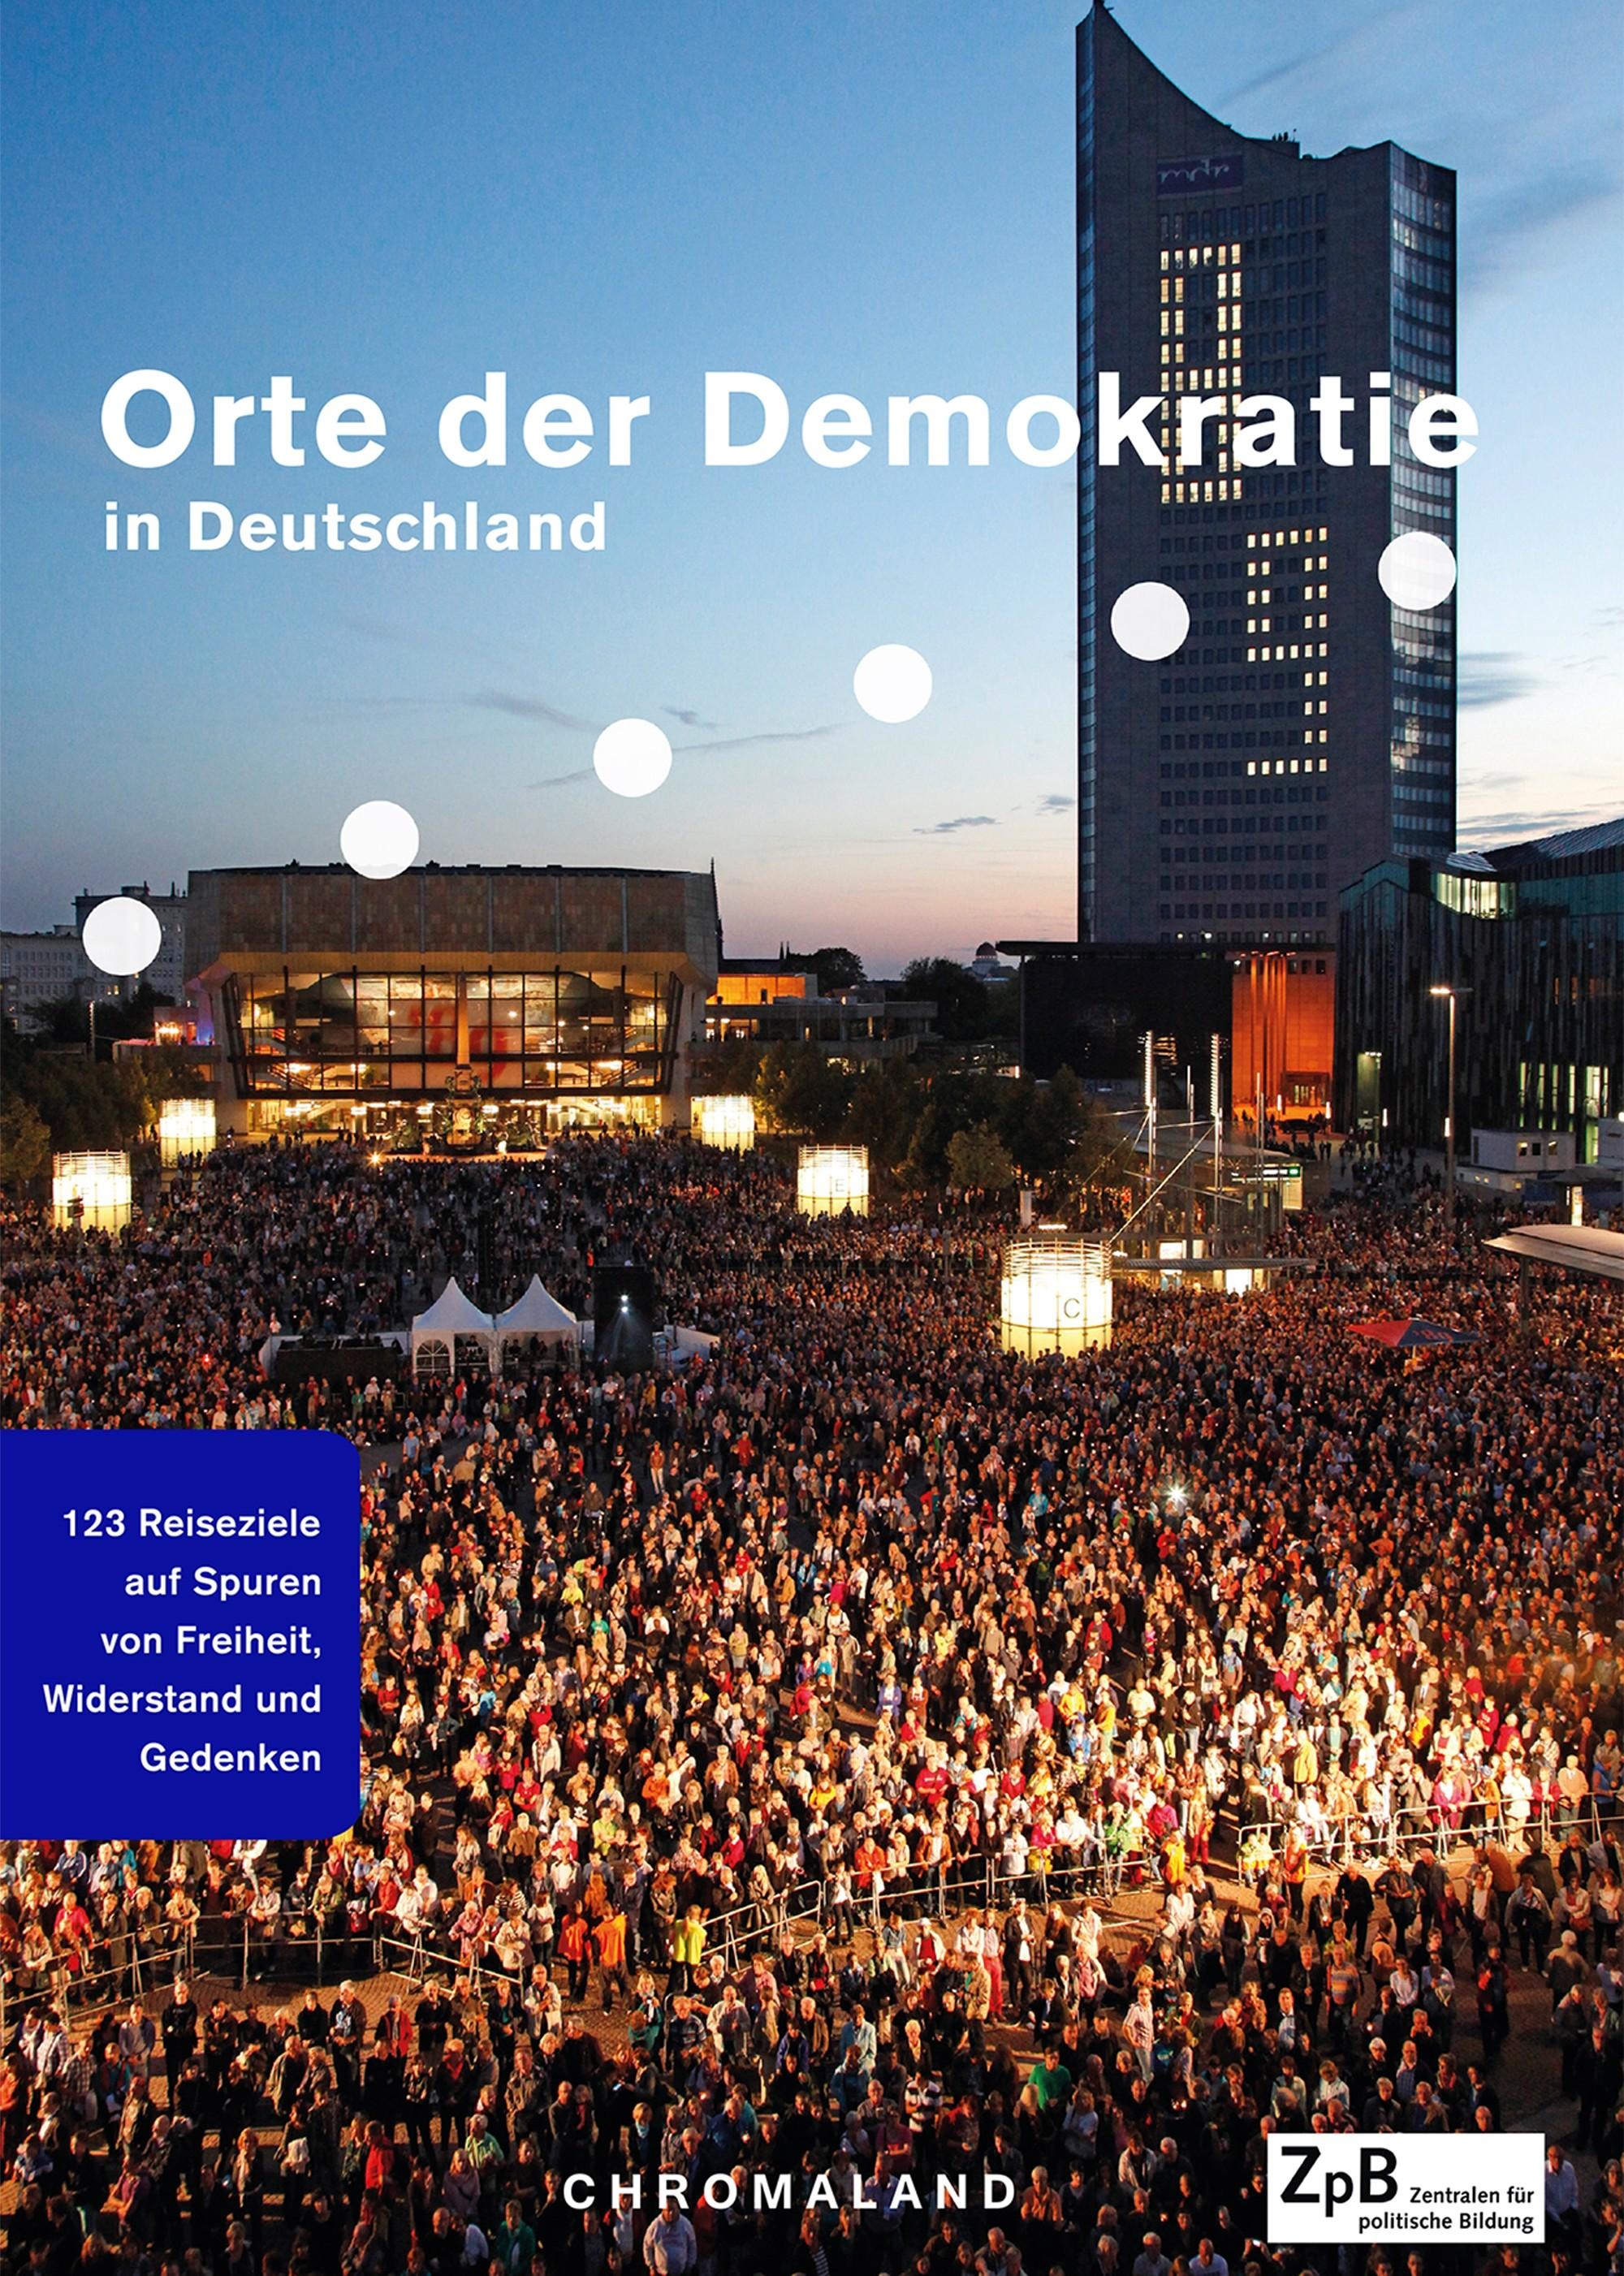 Titelseite groß 503* Orte der Demokratie  in Deutschland. 123 Reiseziele auf Spuren von Freiheit, Widerstand und Gedenken